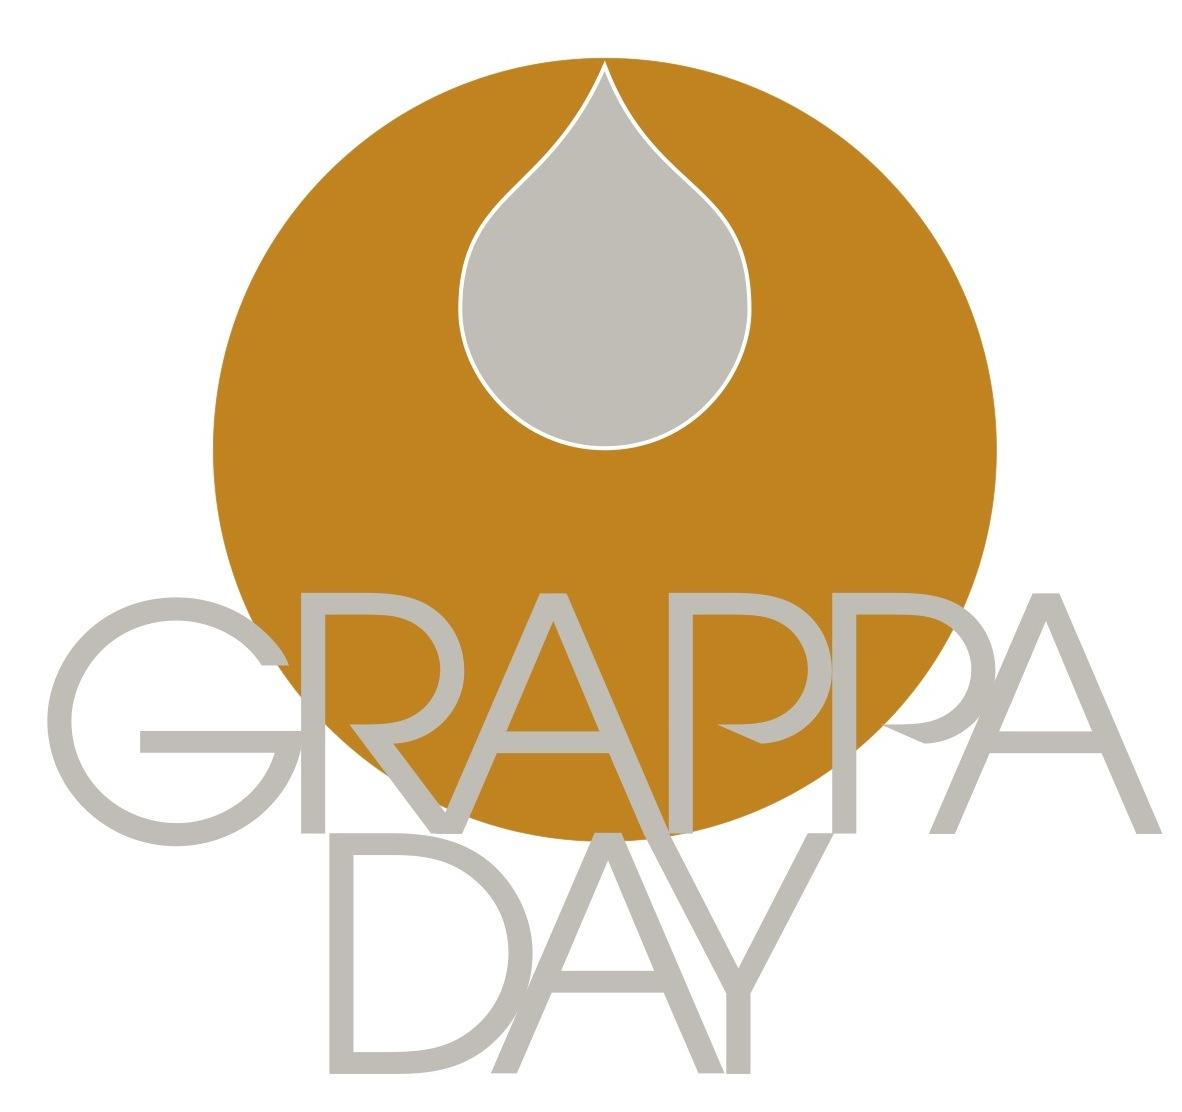 Grappa Day 2015: una giornata dedicata ai processi di distillazione